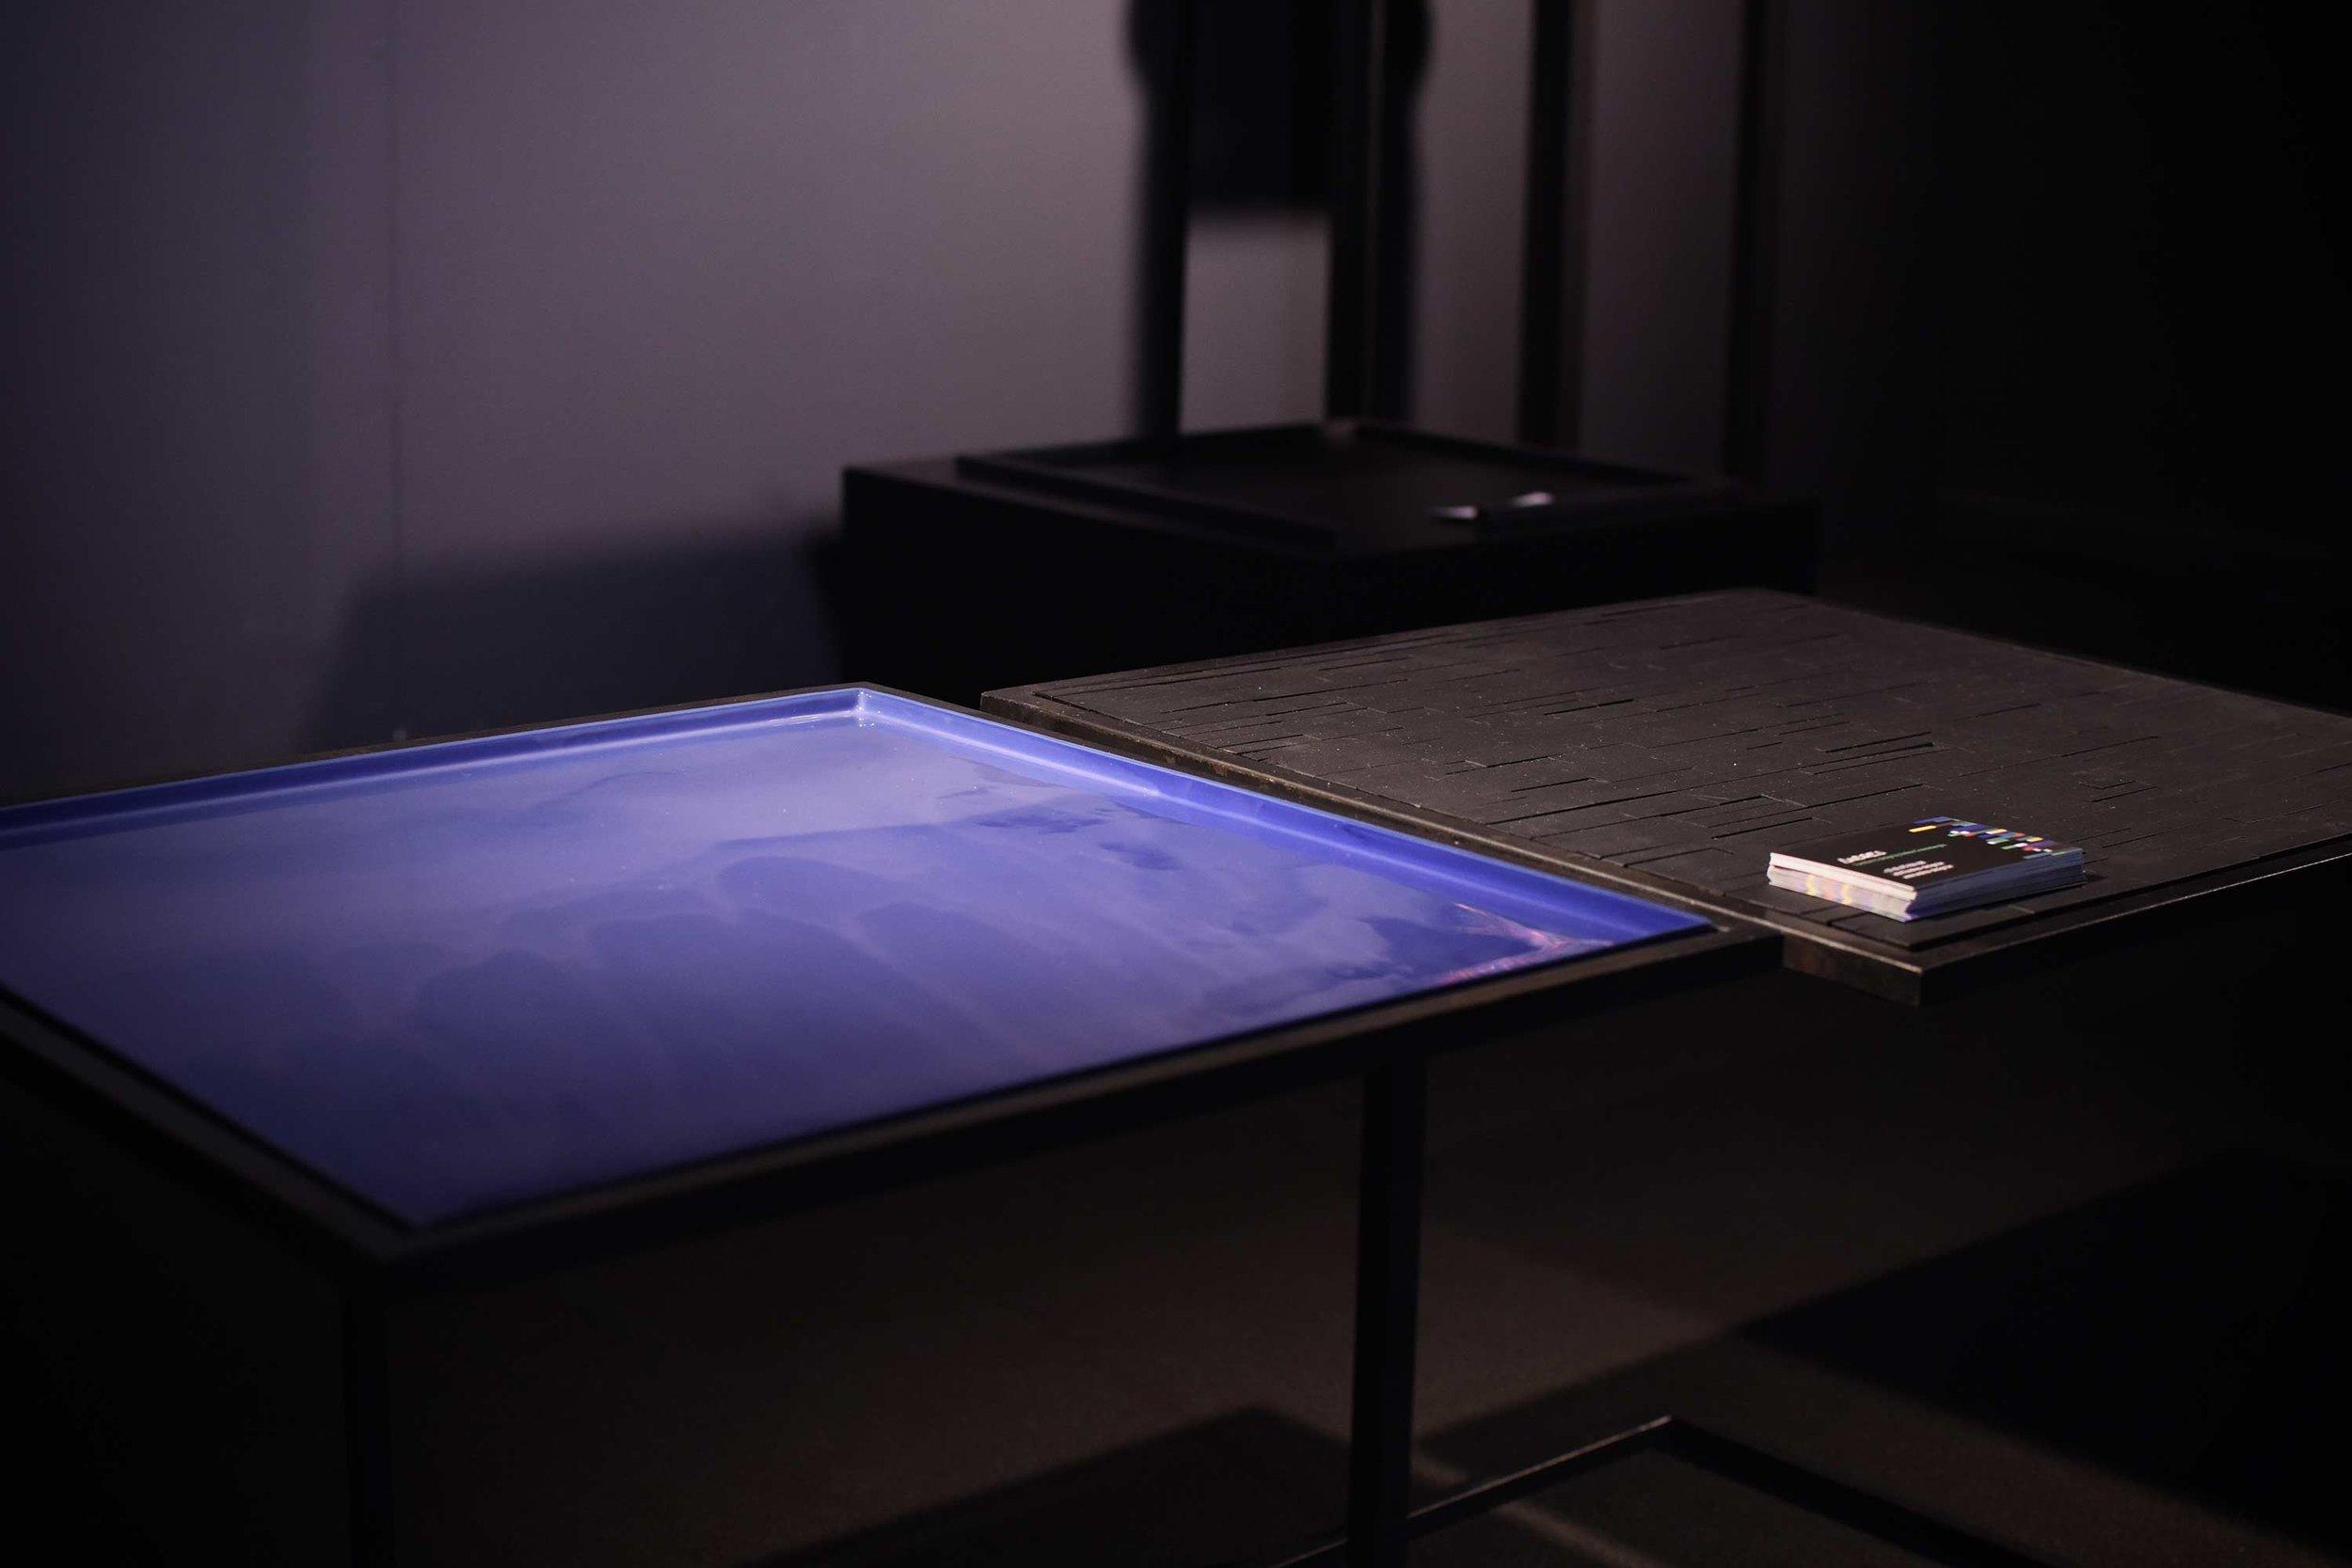 andrea_croonenberghs-design-tafels.jpg